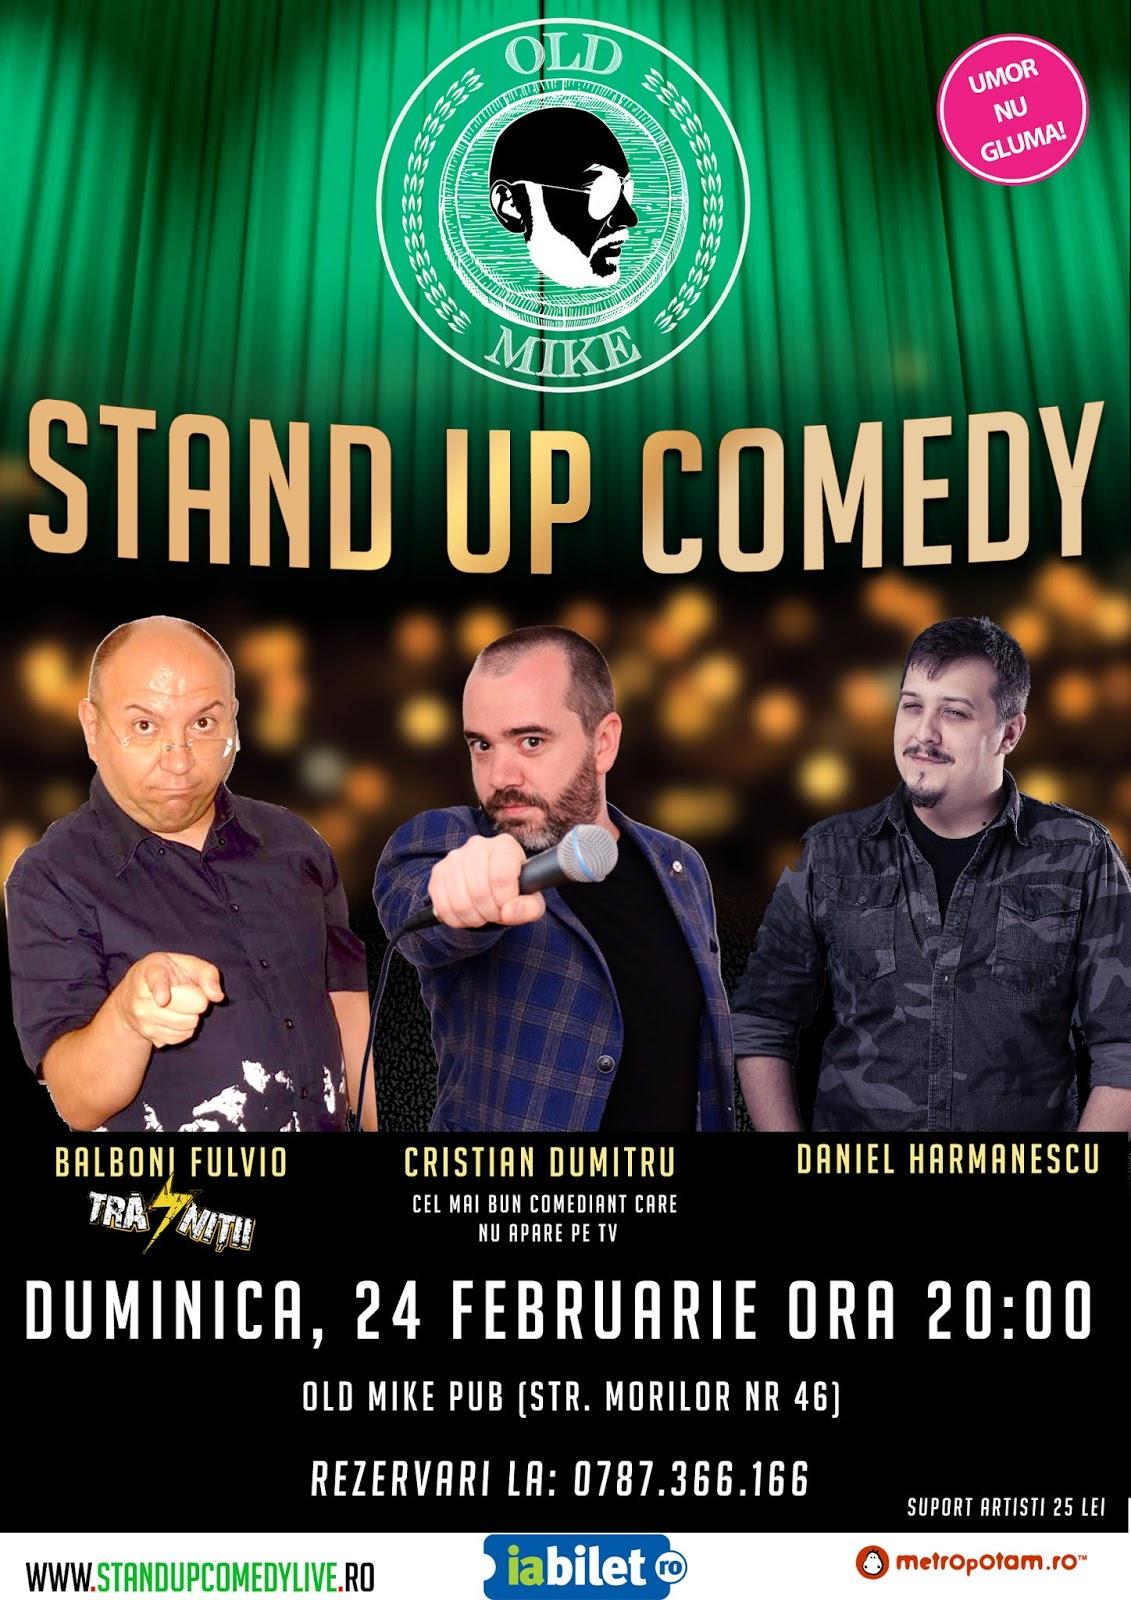 Stand-Up Comedy Duminica Seara in Bucuresti (24 februarie 2019)